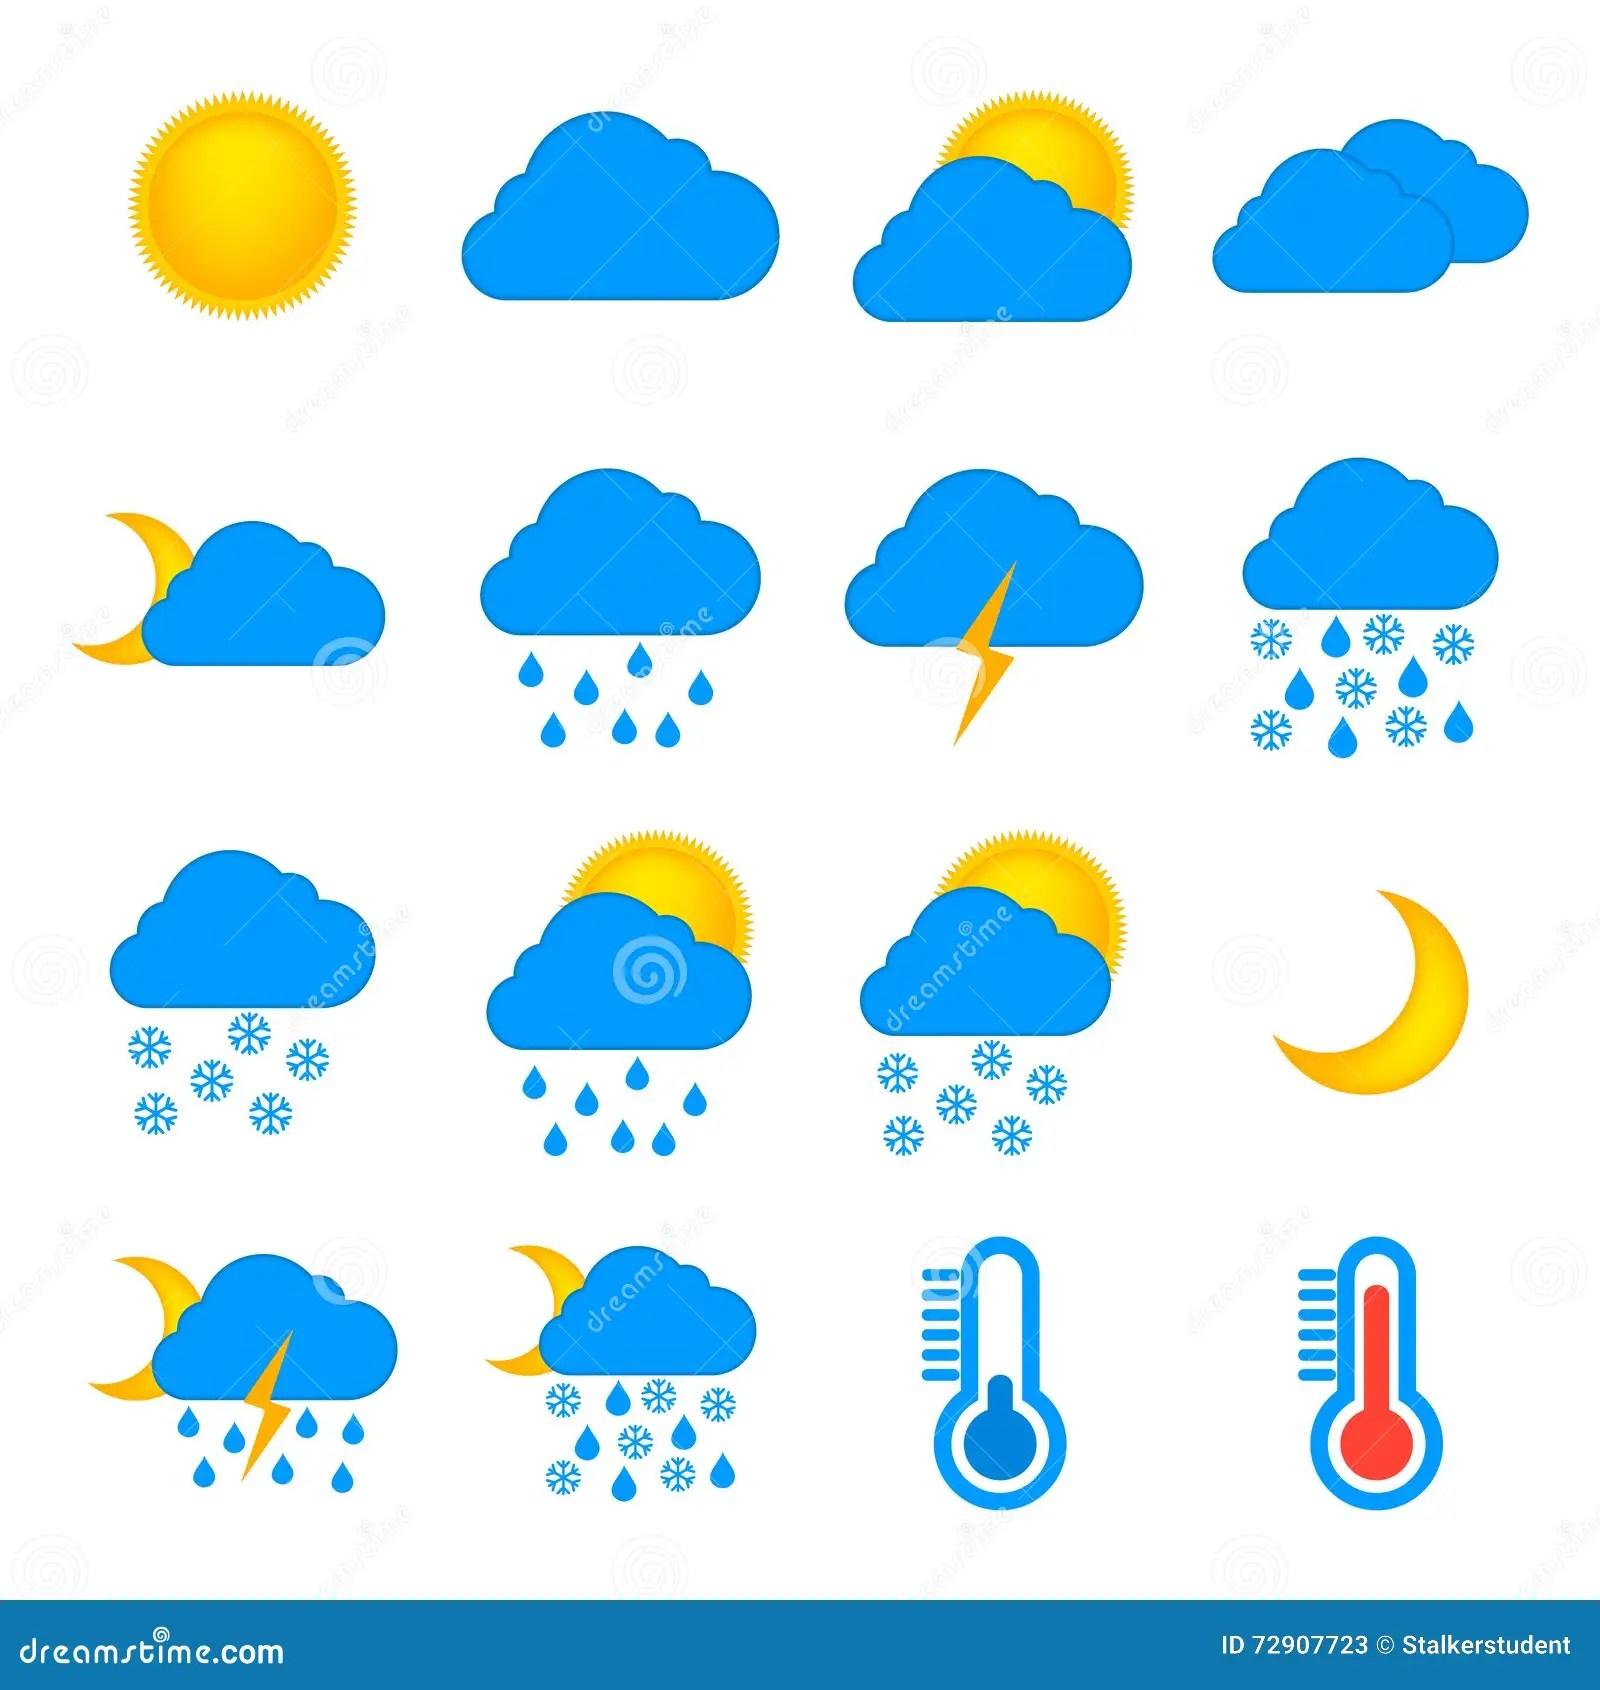 Weather Forecast And Meteorology Symbols Icons Flat Set